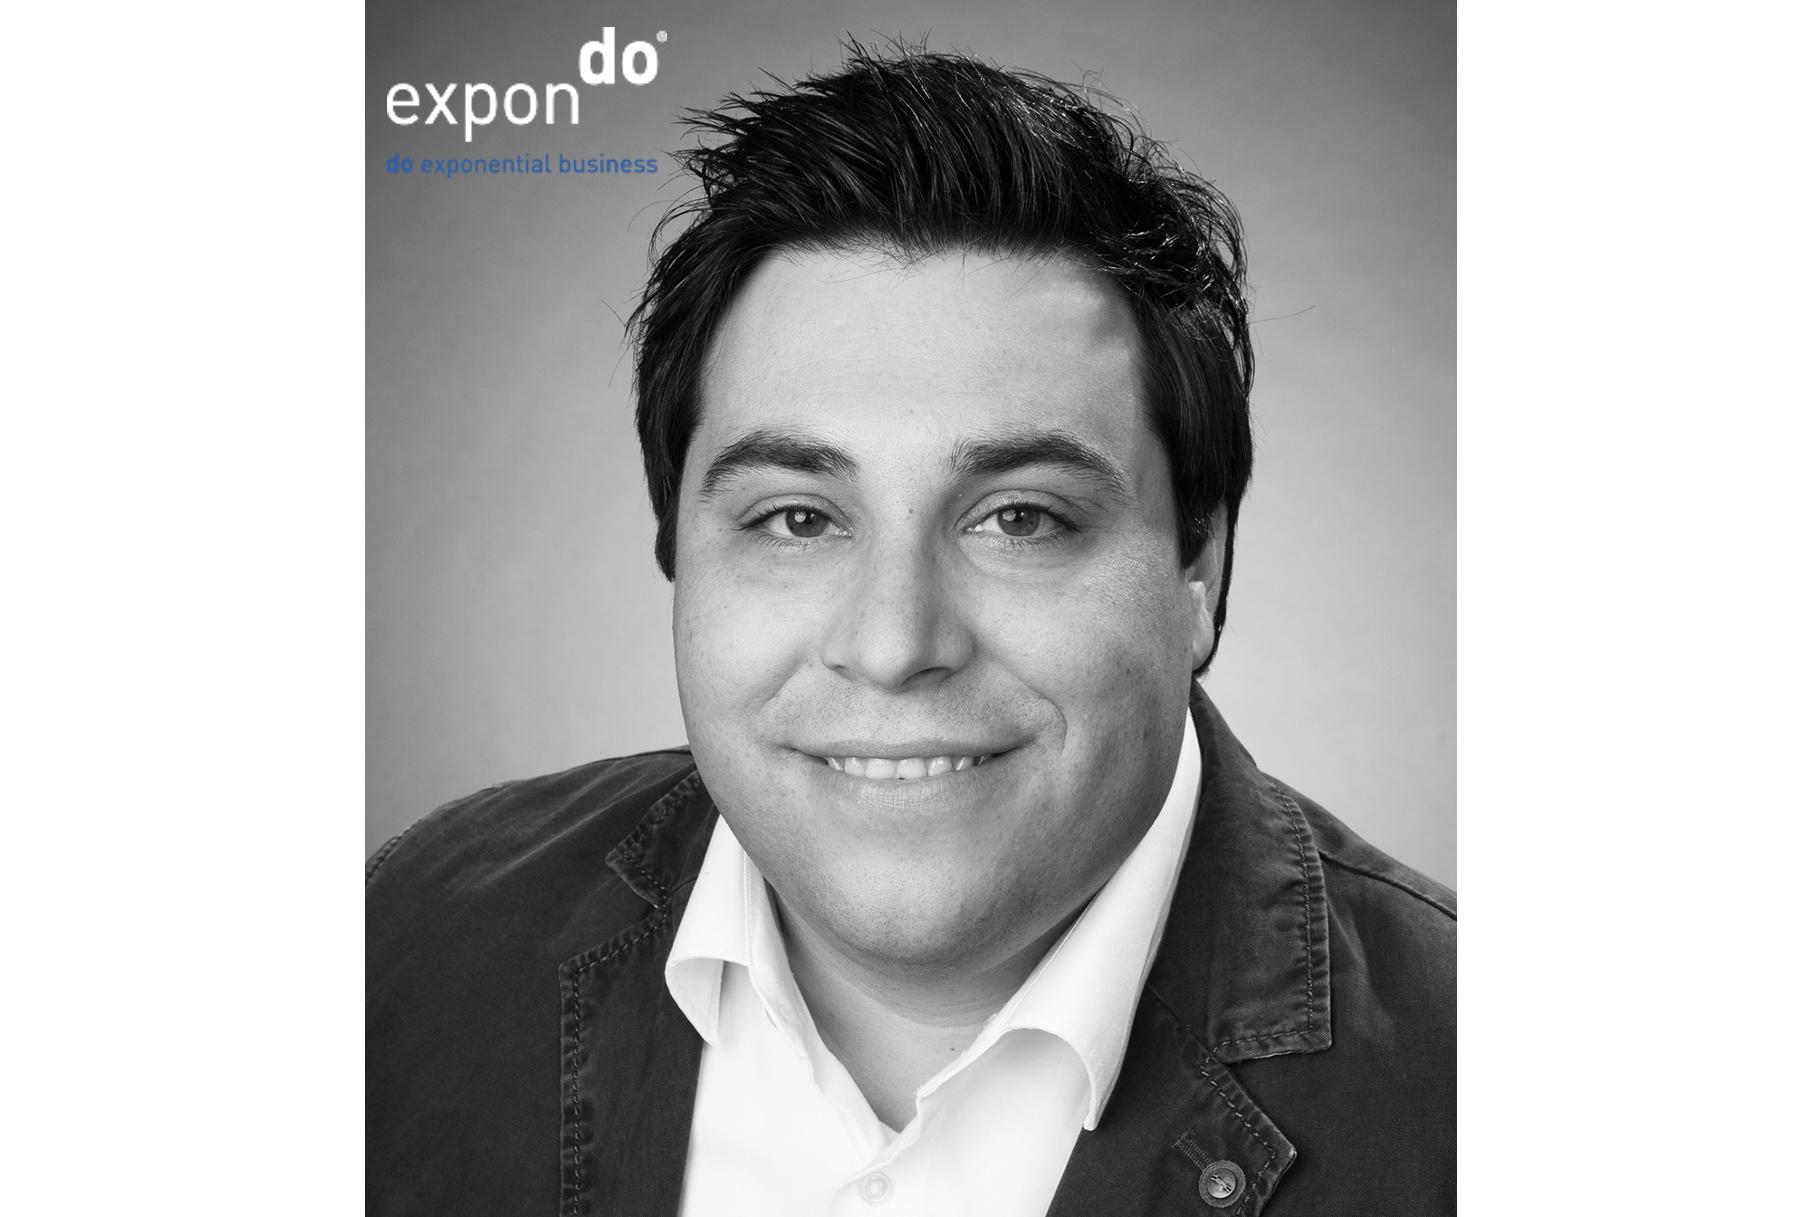 Expondo Sebastian Brede CEO